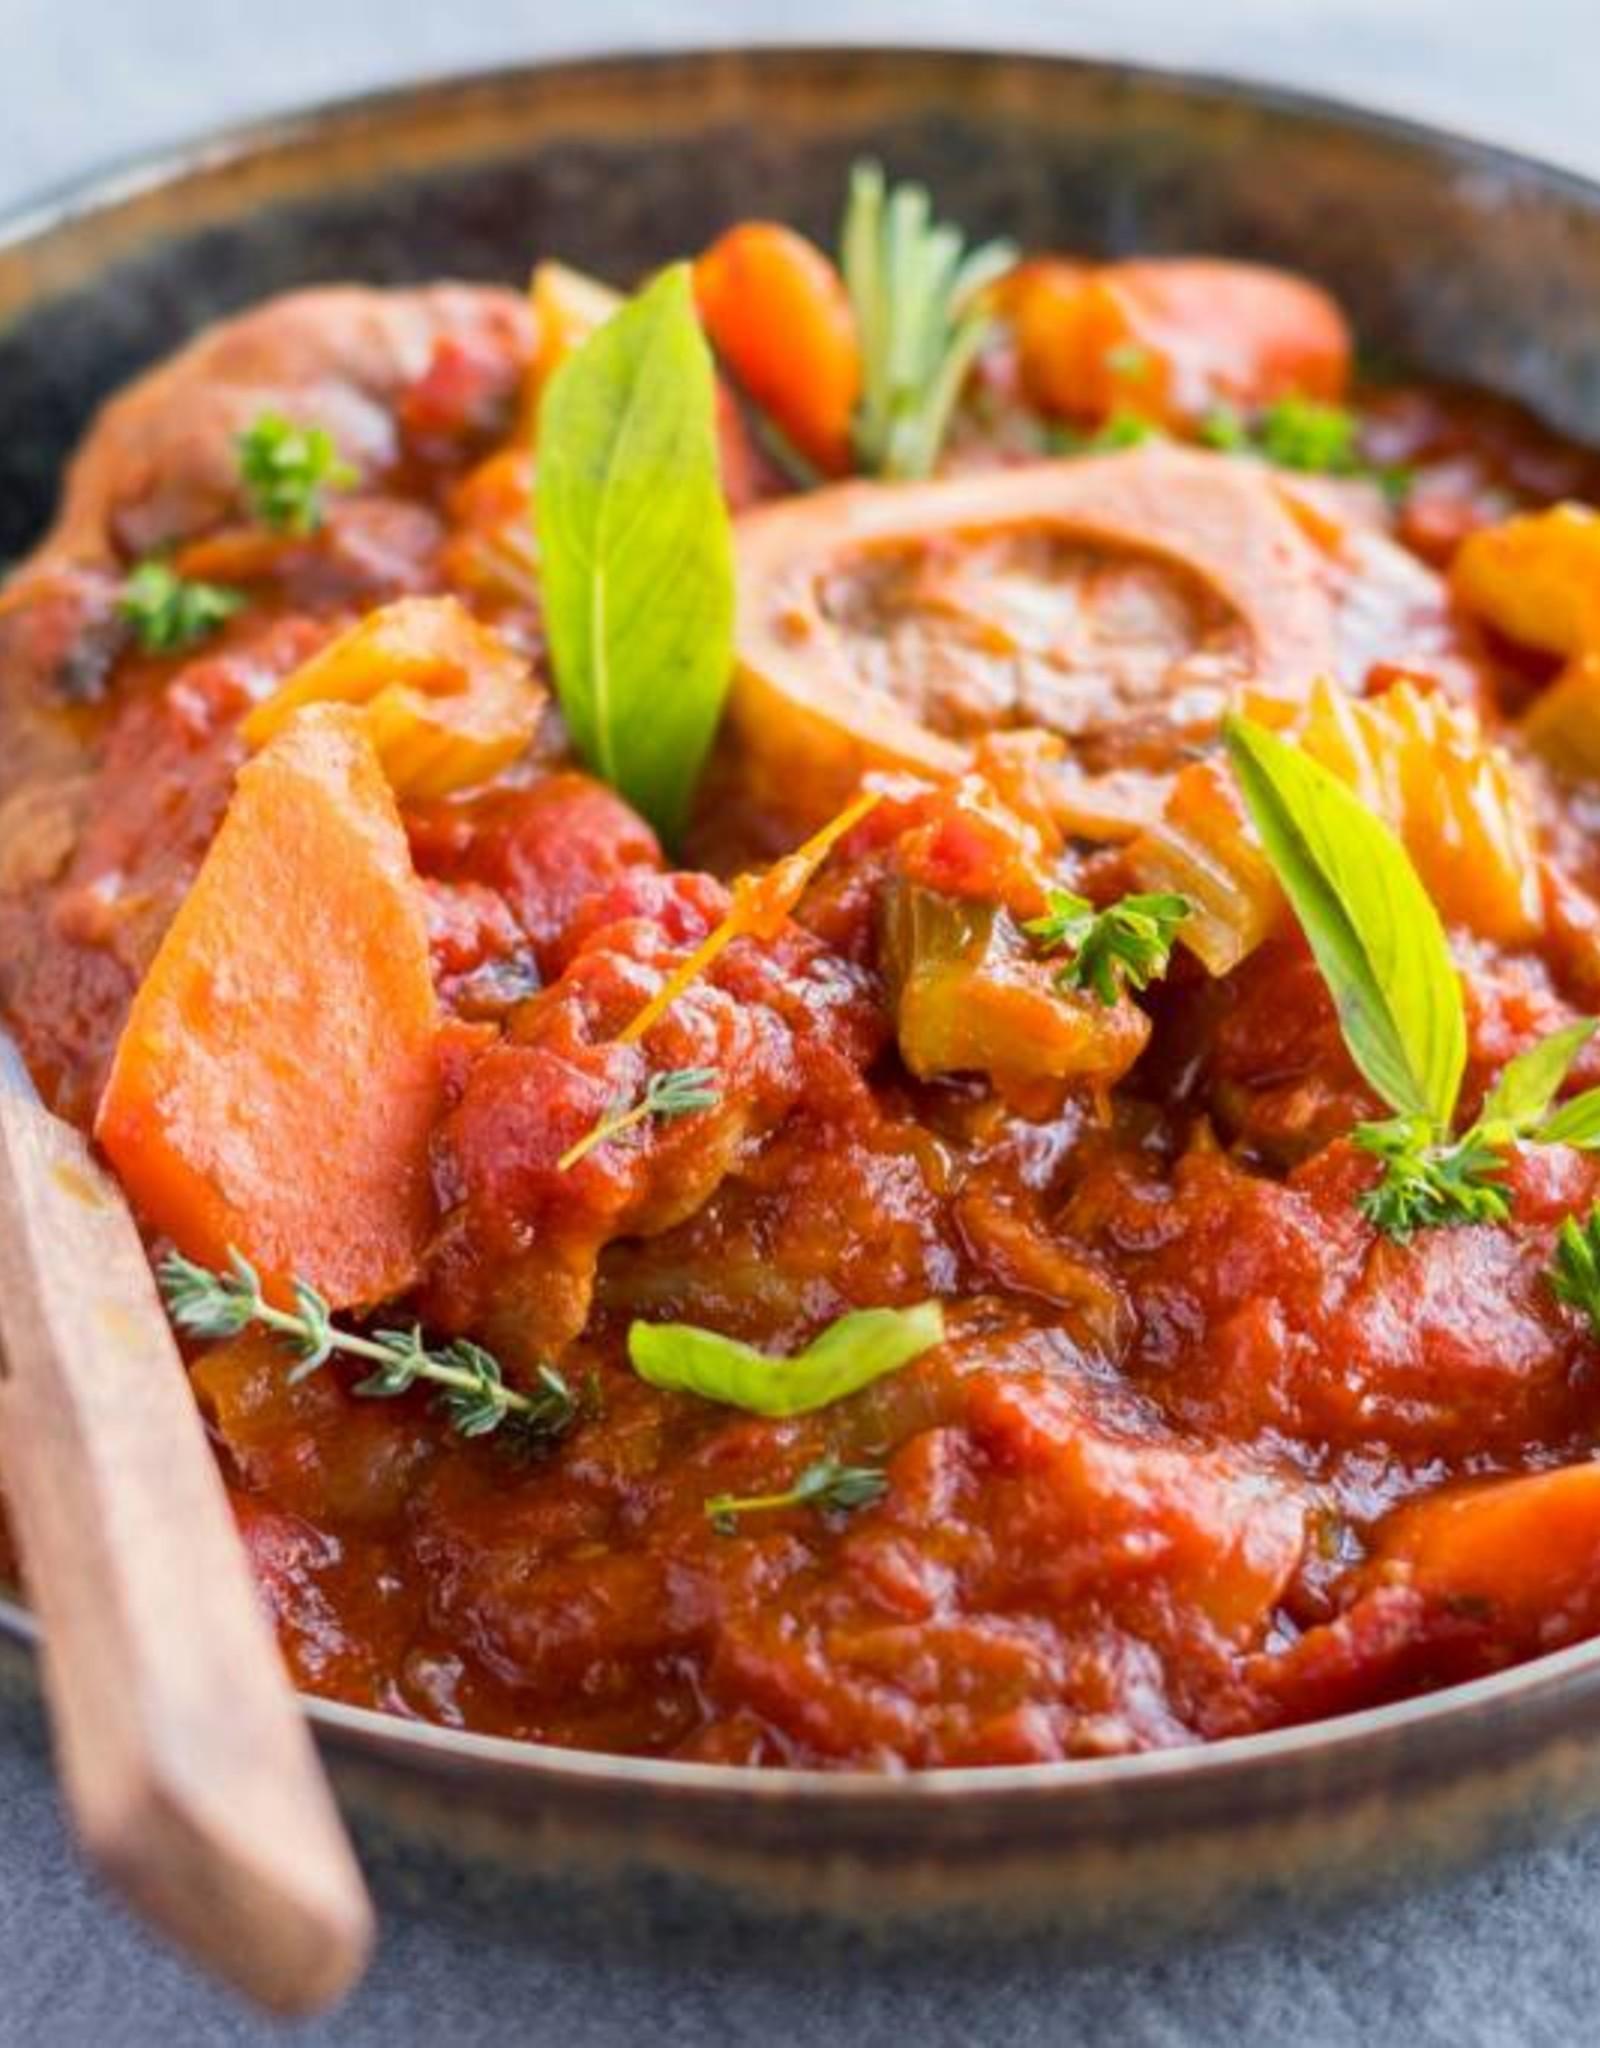 Ossobuco kalfsvlees met tomaat en basilicum - 600g